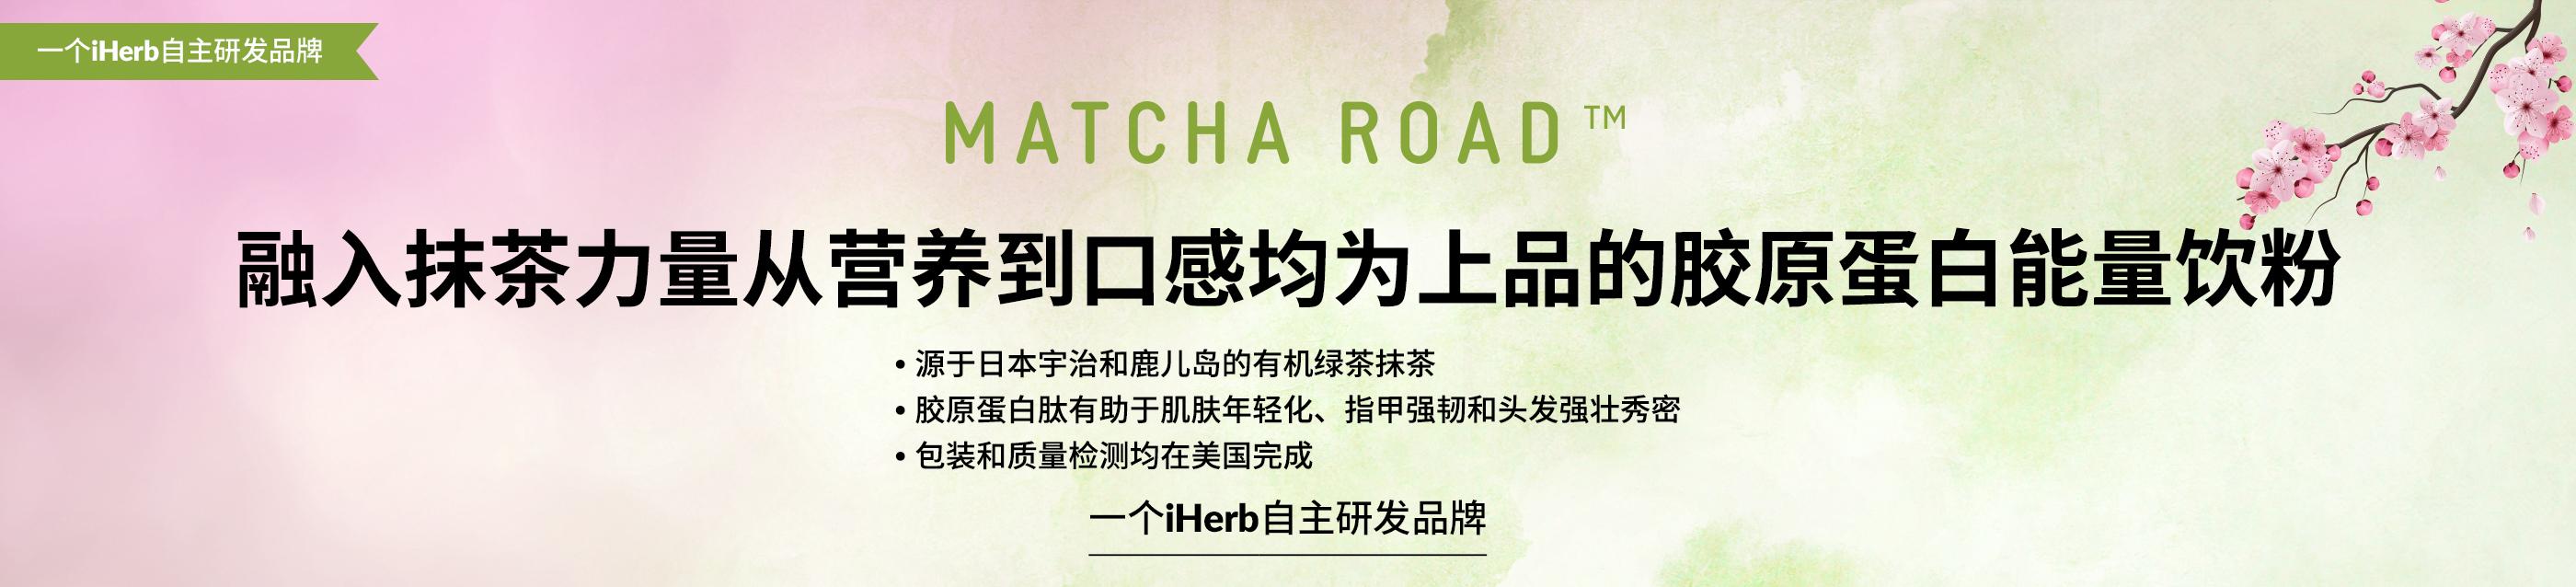 Matcha Road